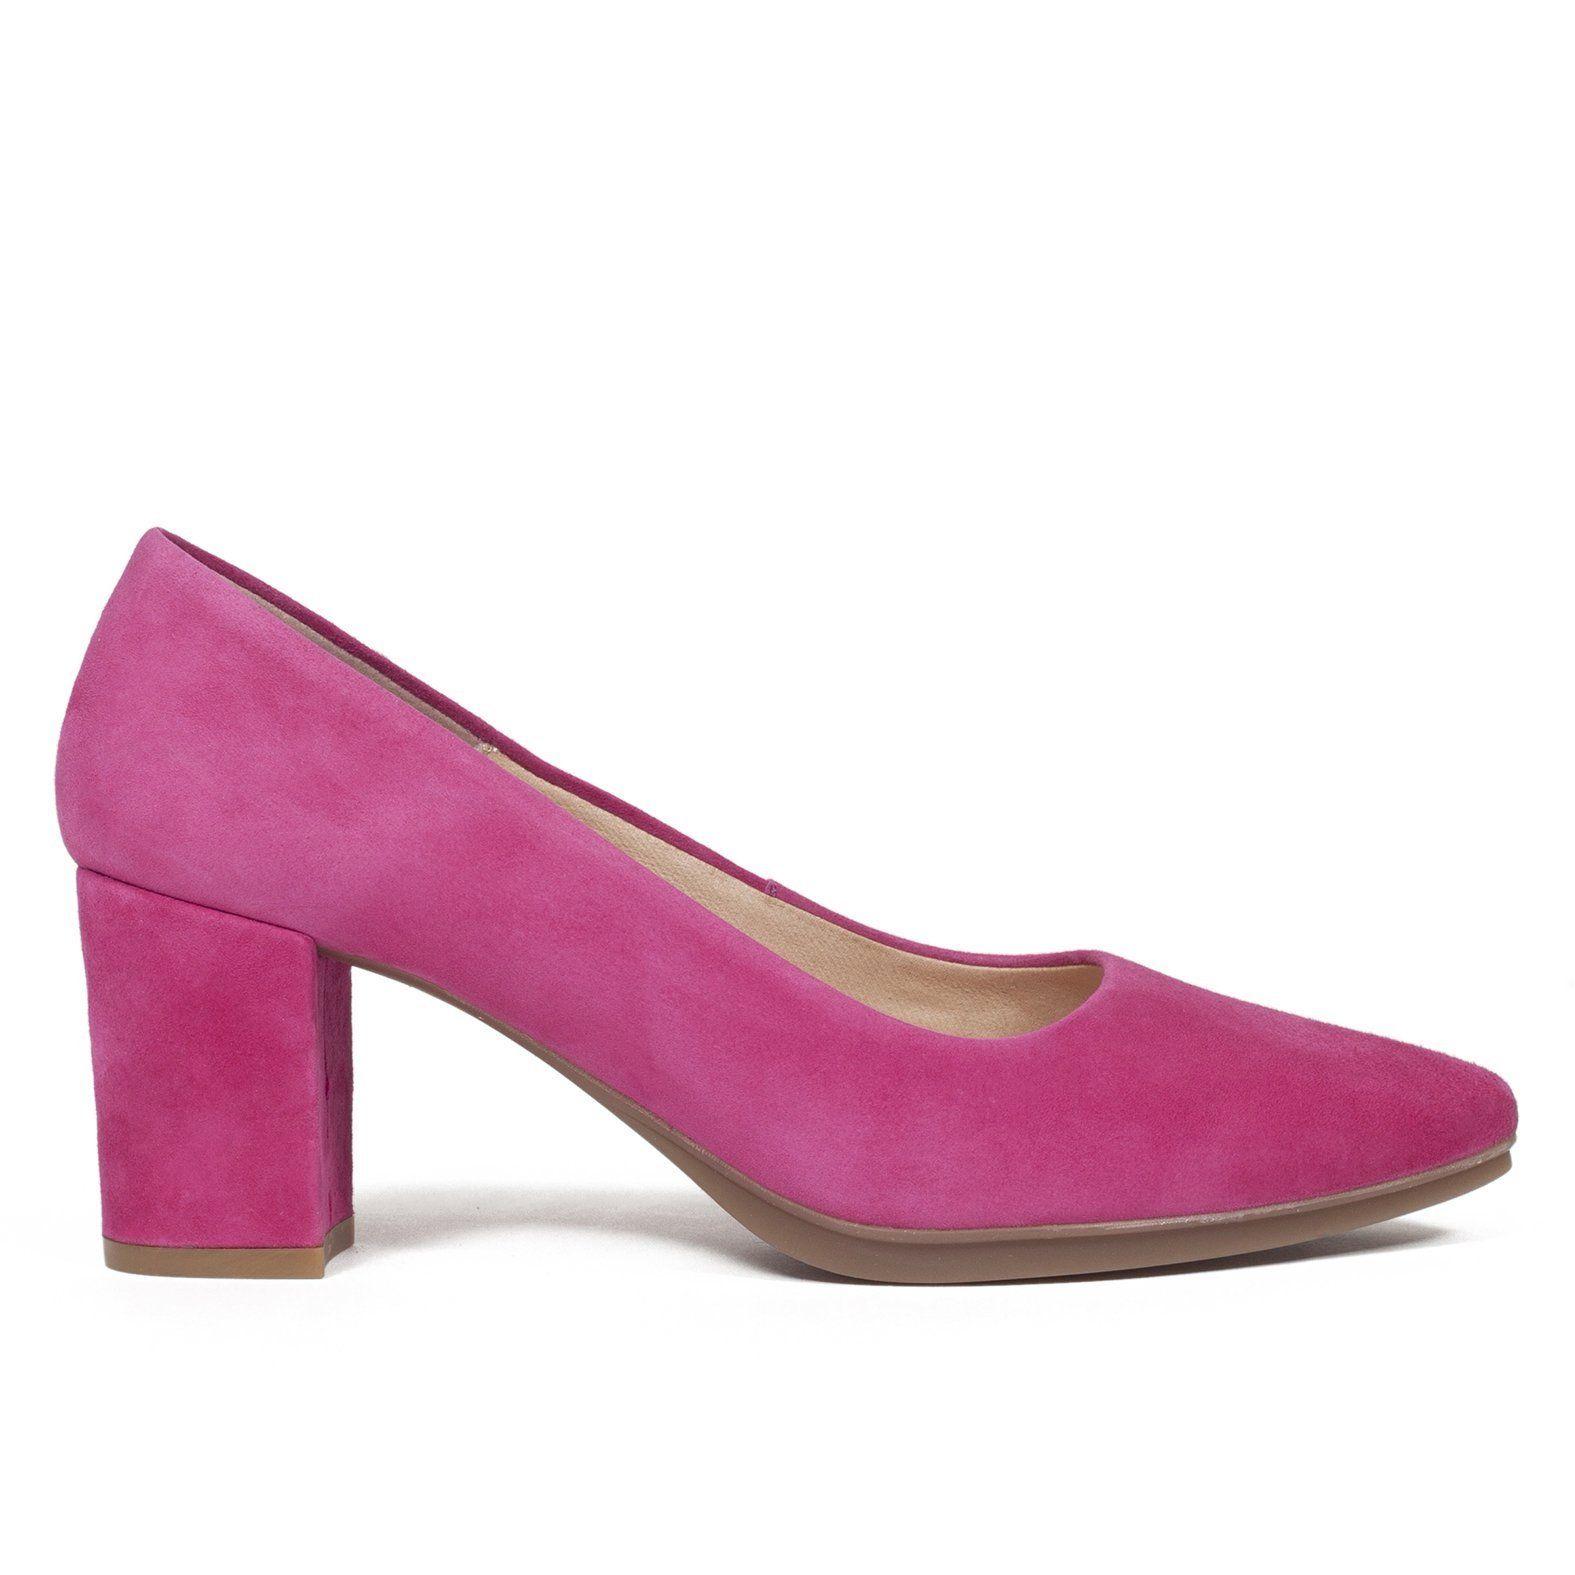 Venta de liquidación tienda del reino unido diseño exquisito Zapato de tacón cómodo FUCSIA – Zapatos miMaO Online Hecho ...